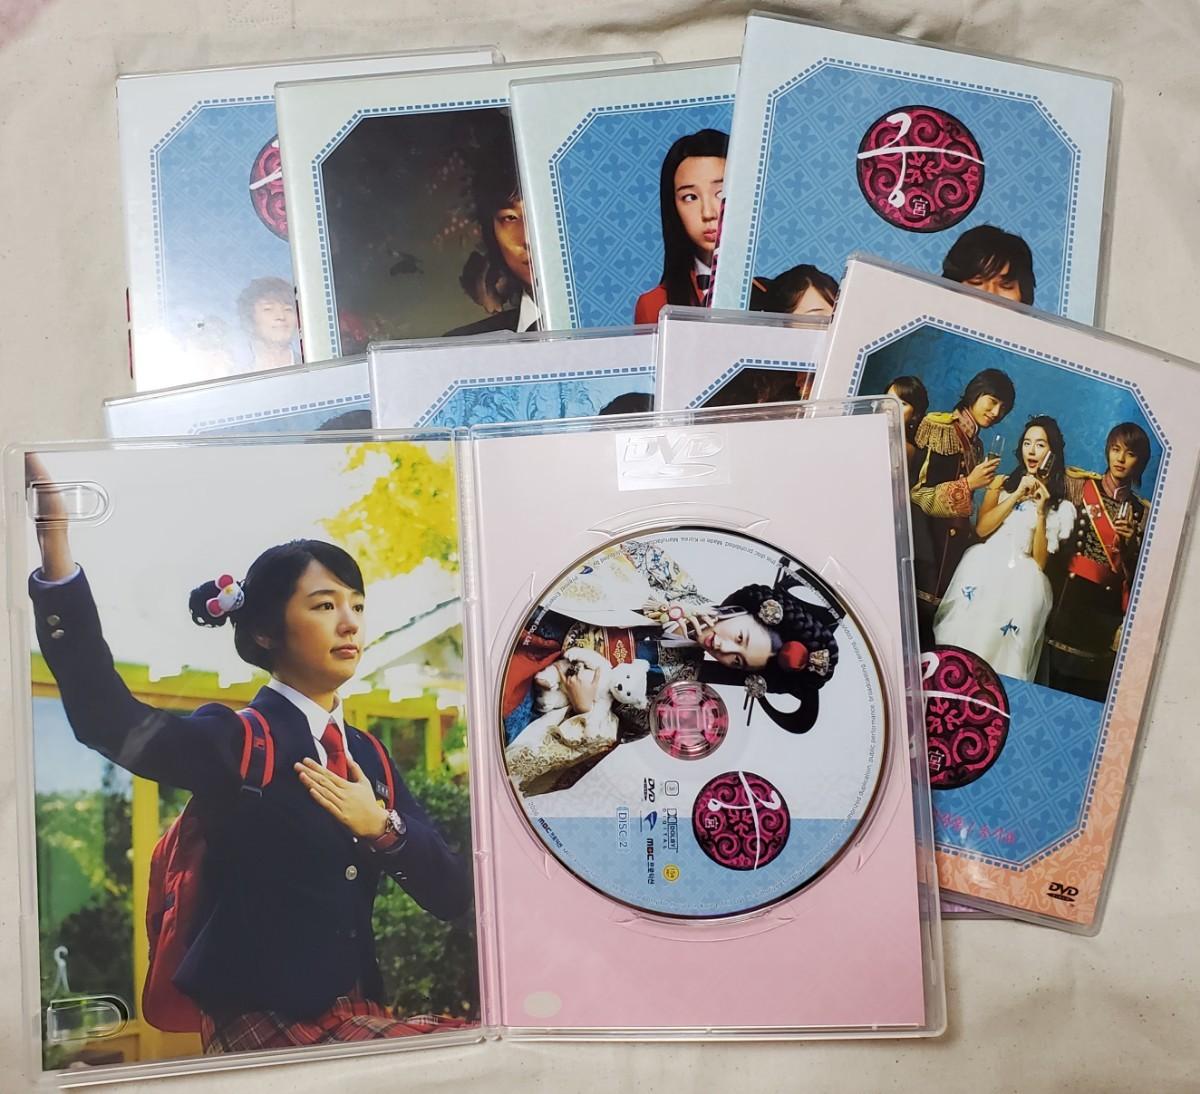 韓国ドラマ 宮 主演チュ・ジフン ユン・ウネ 韓国盤 ディレクターズカット盤